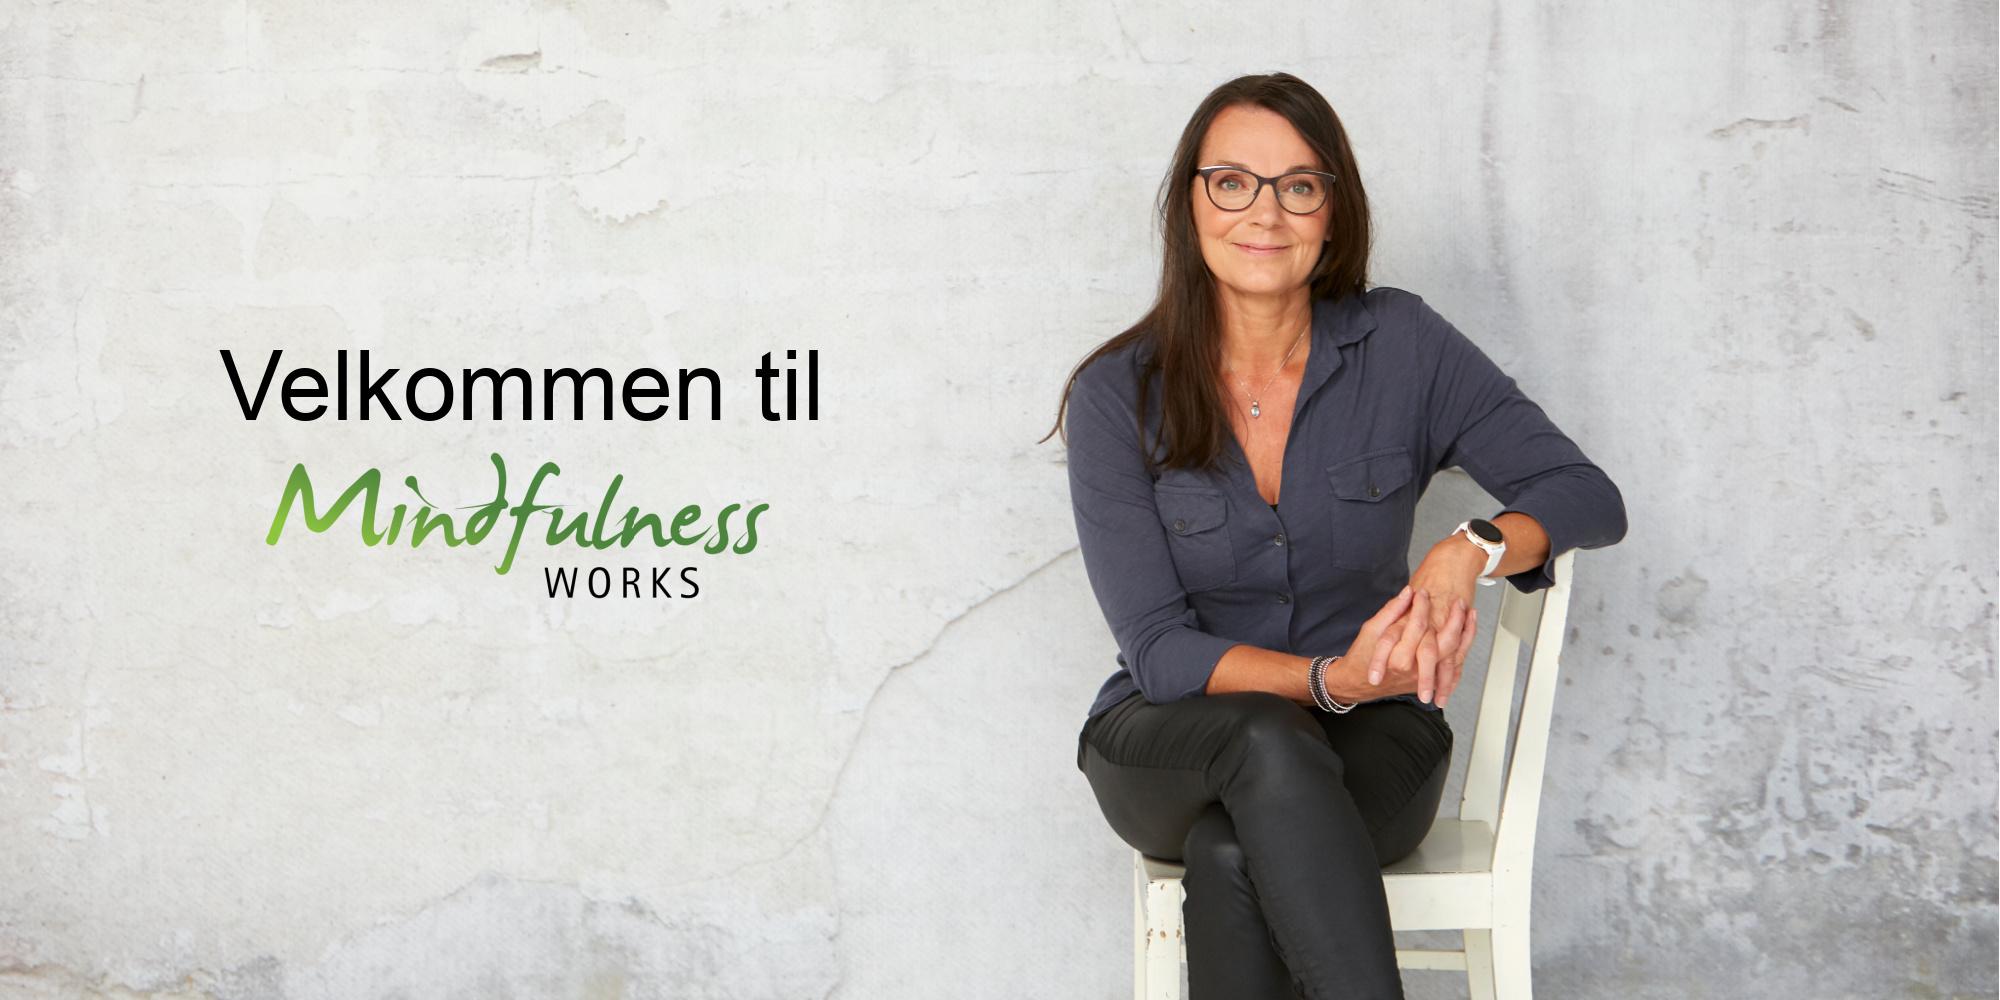 Mindfulness_Works_Mie_Glud_Pedersen